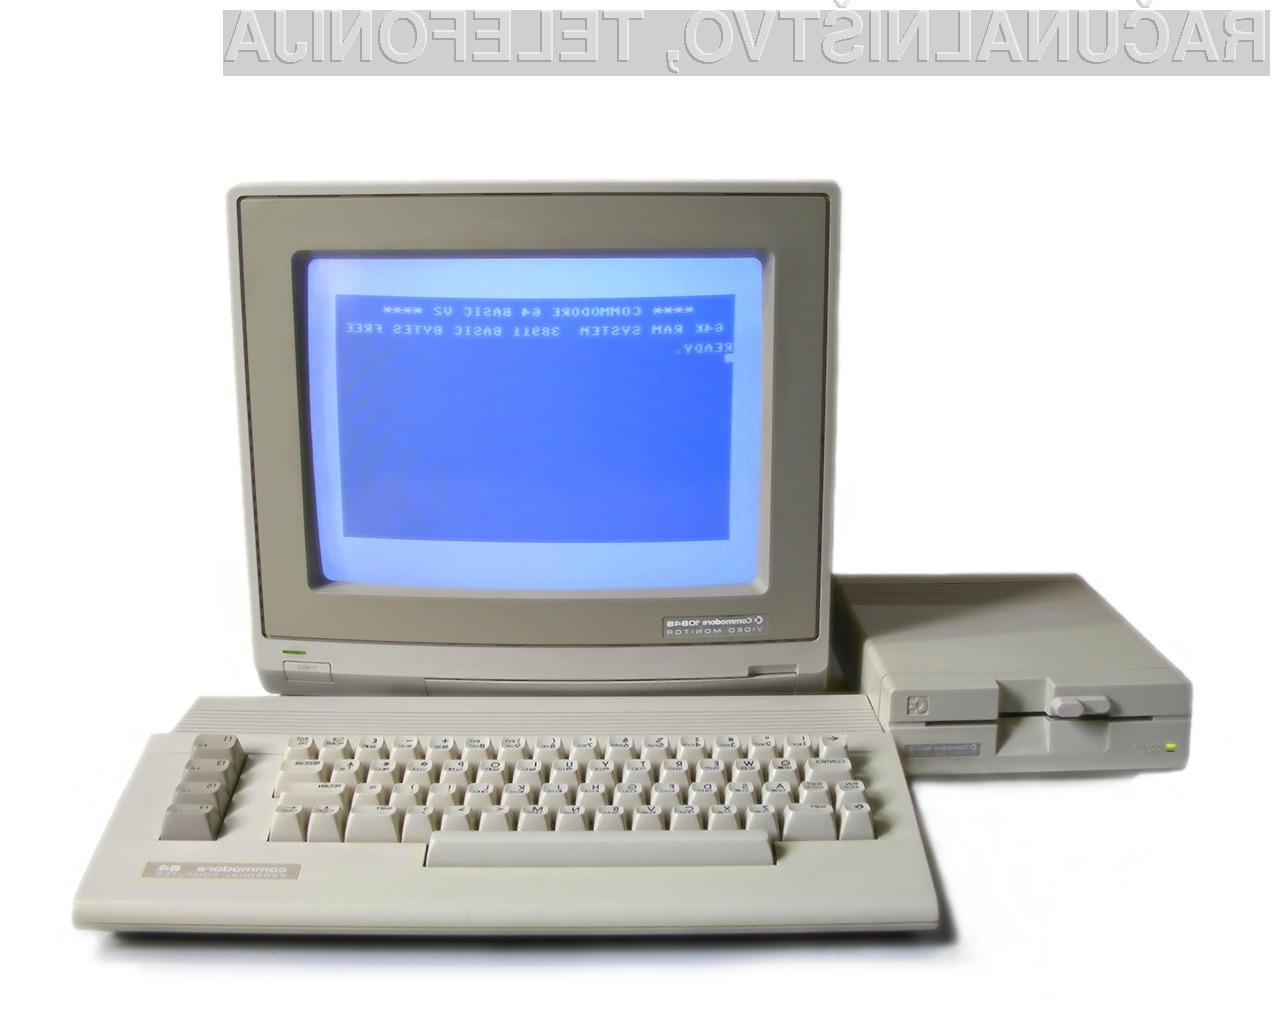 35 let za Commodore 64!